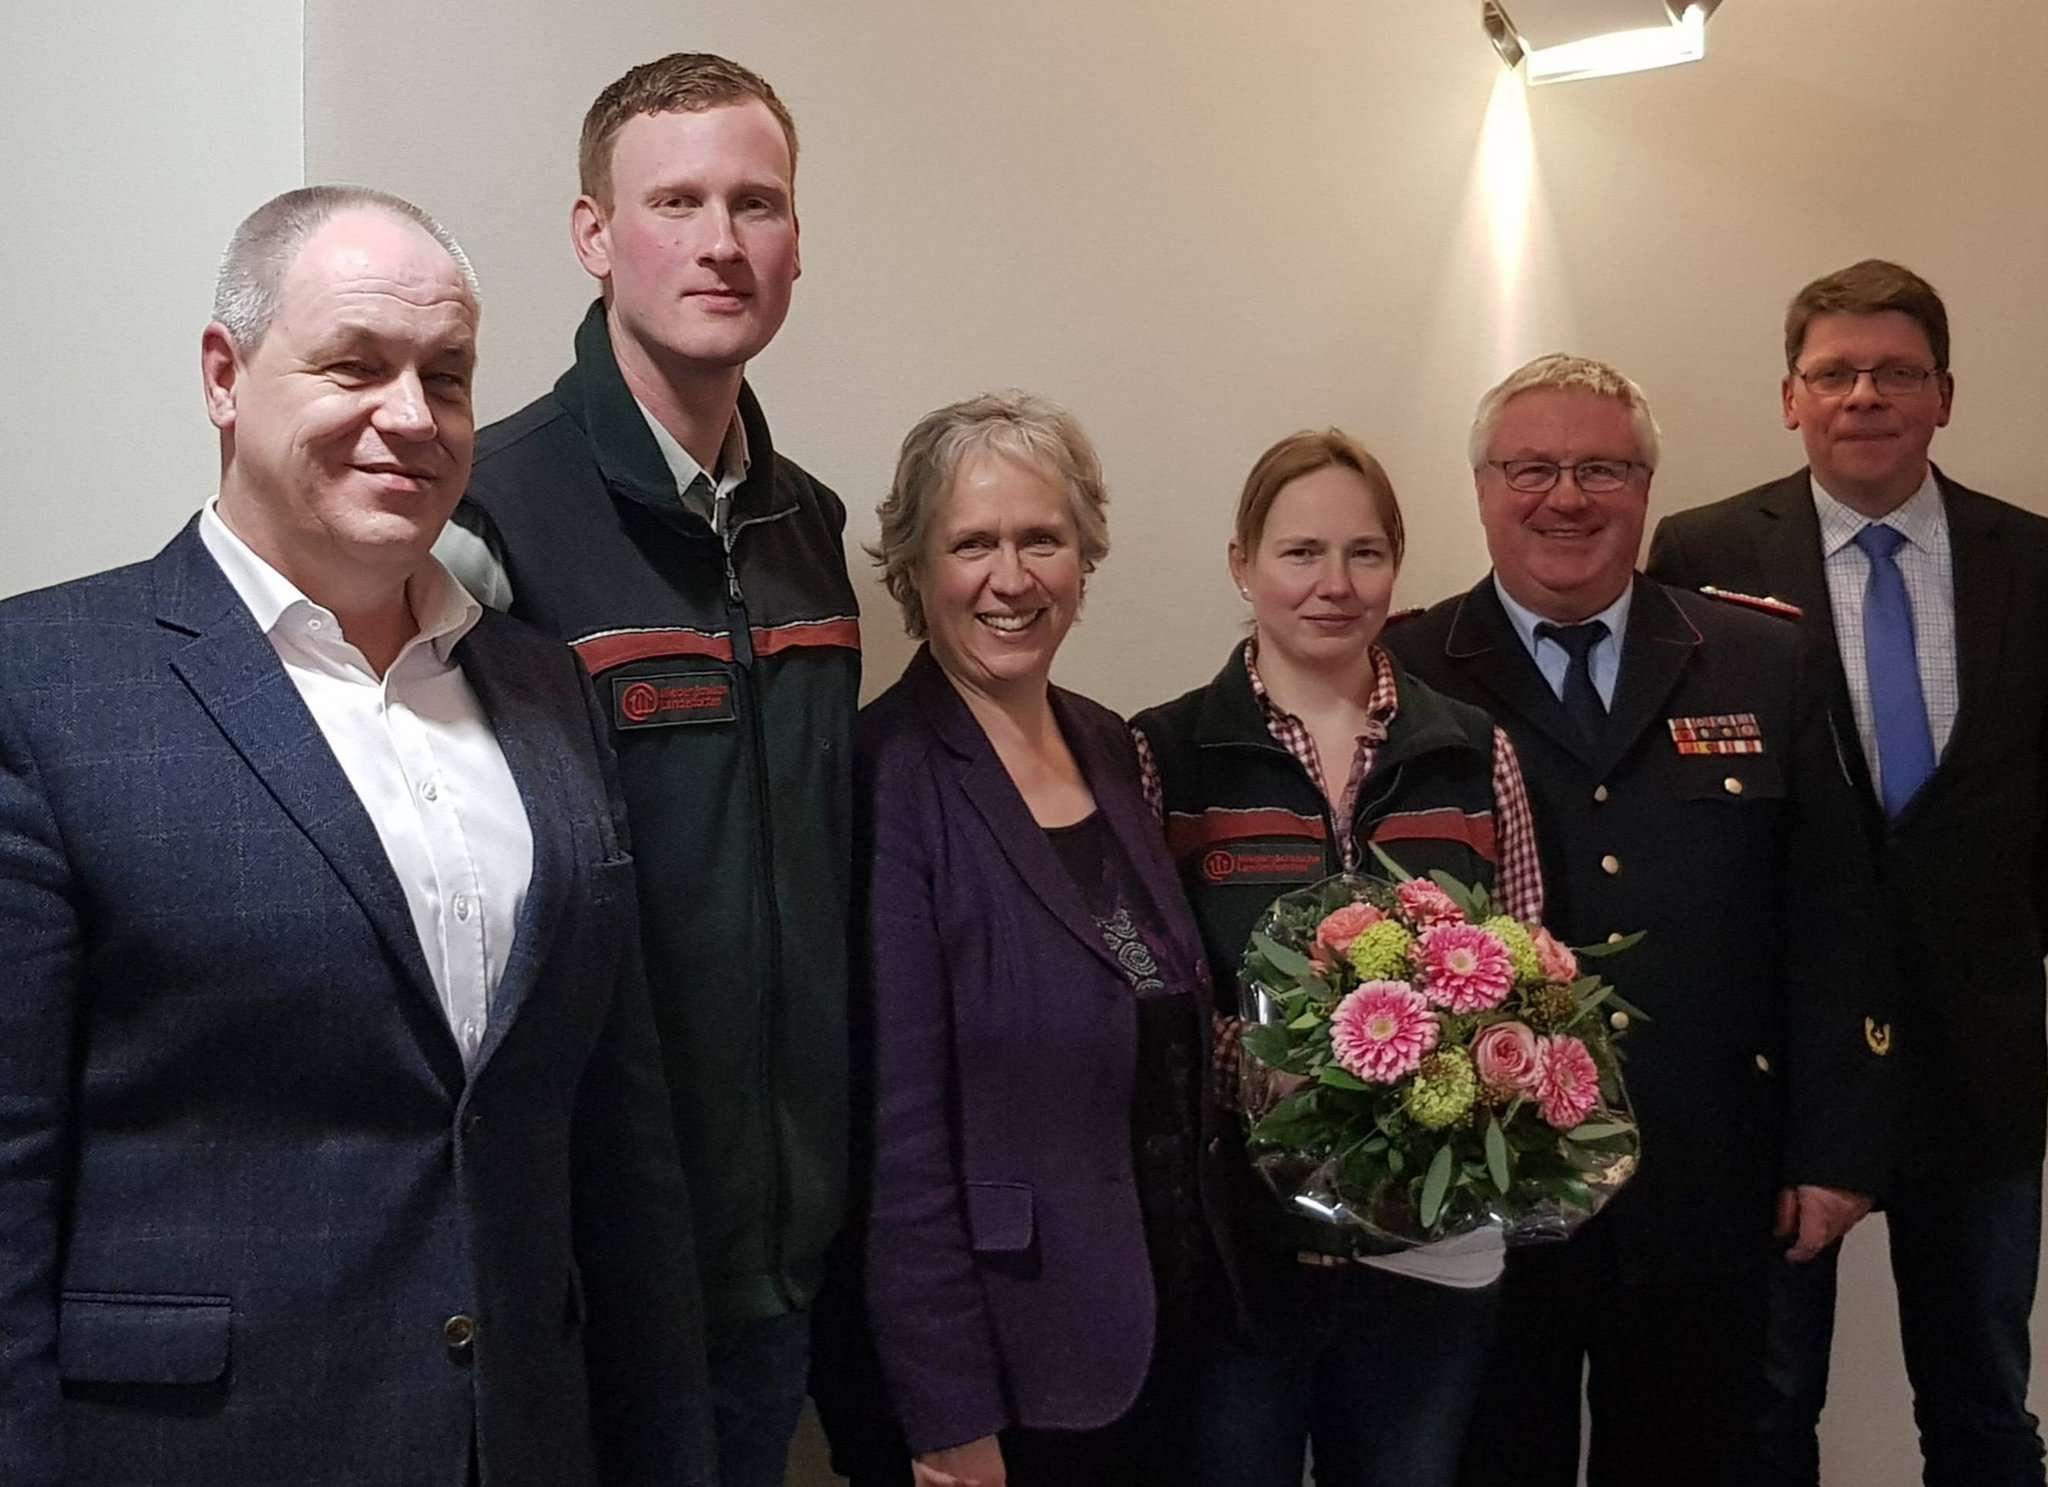 Arbeiten eng zusammen (von links): Ronald Möller, Tobias Gebers, Regina Tryta, Lena Maack, Hans-Hermann Fehling und Christian Groth.